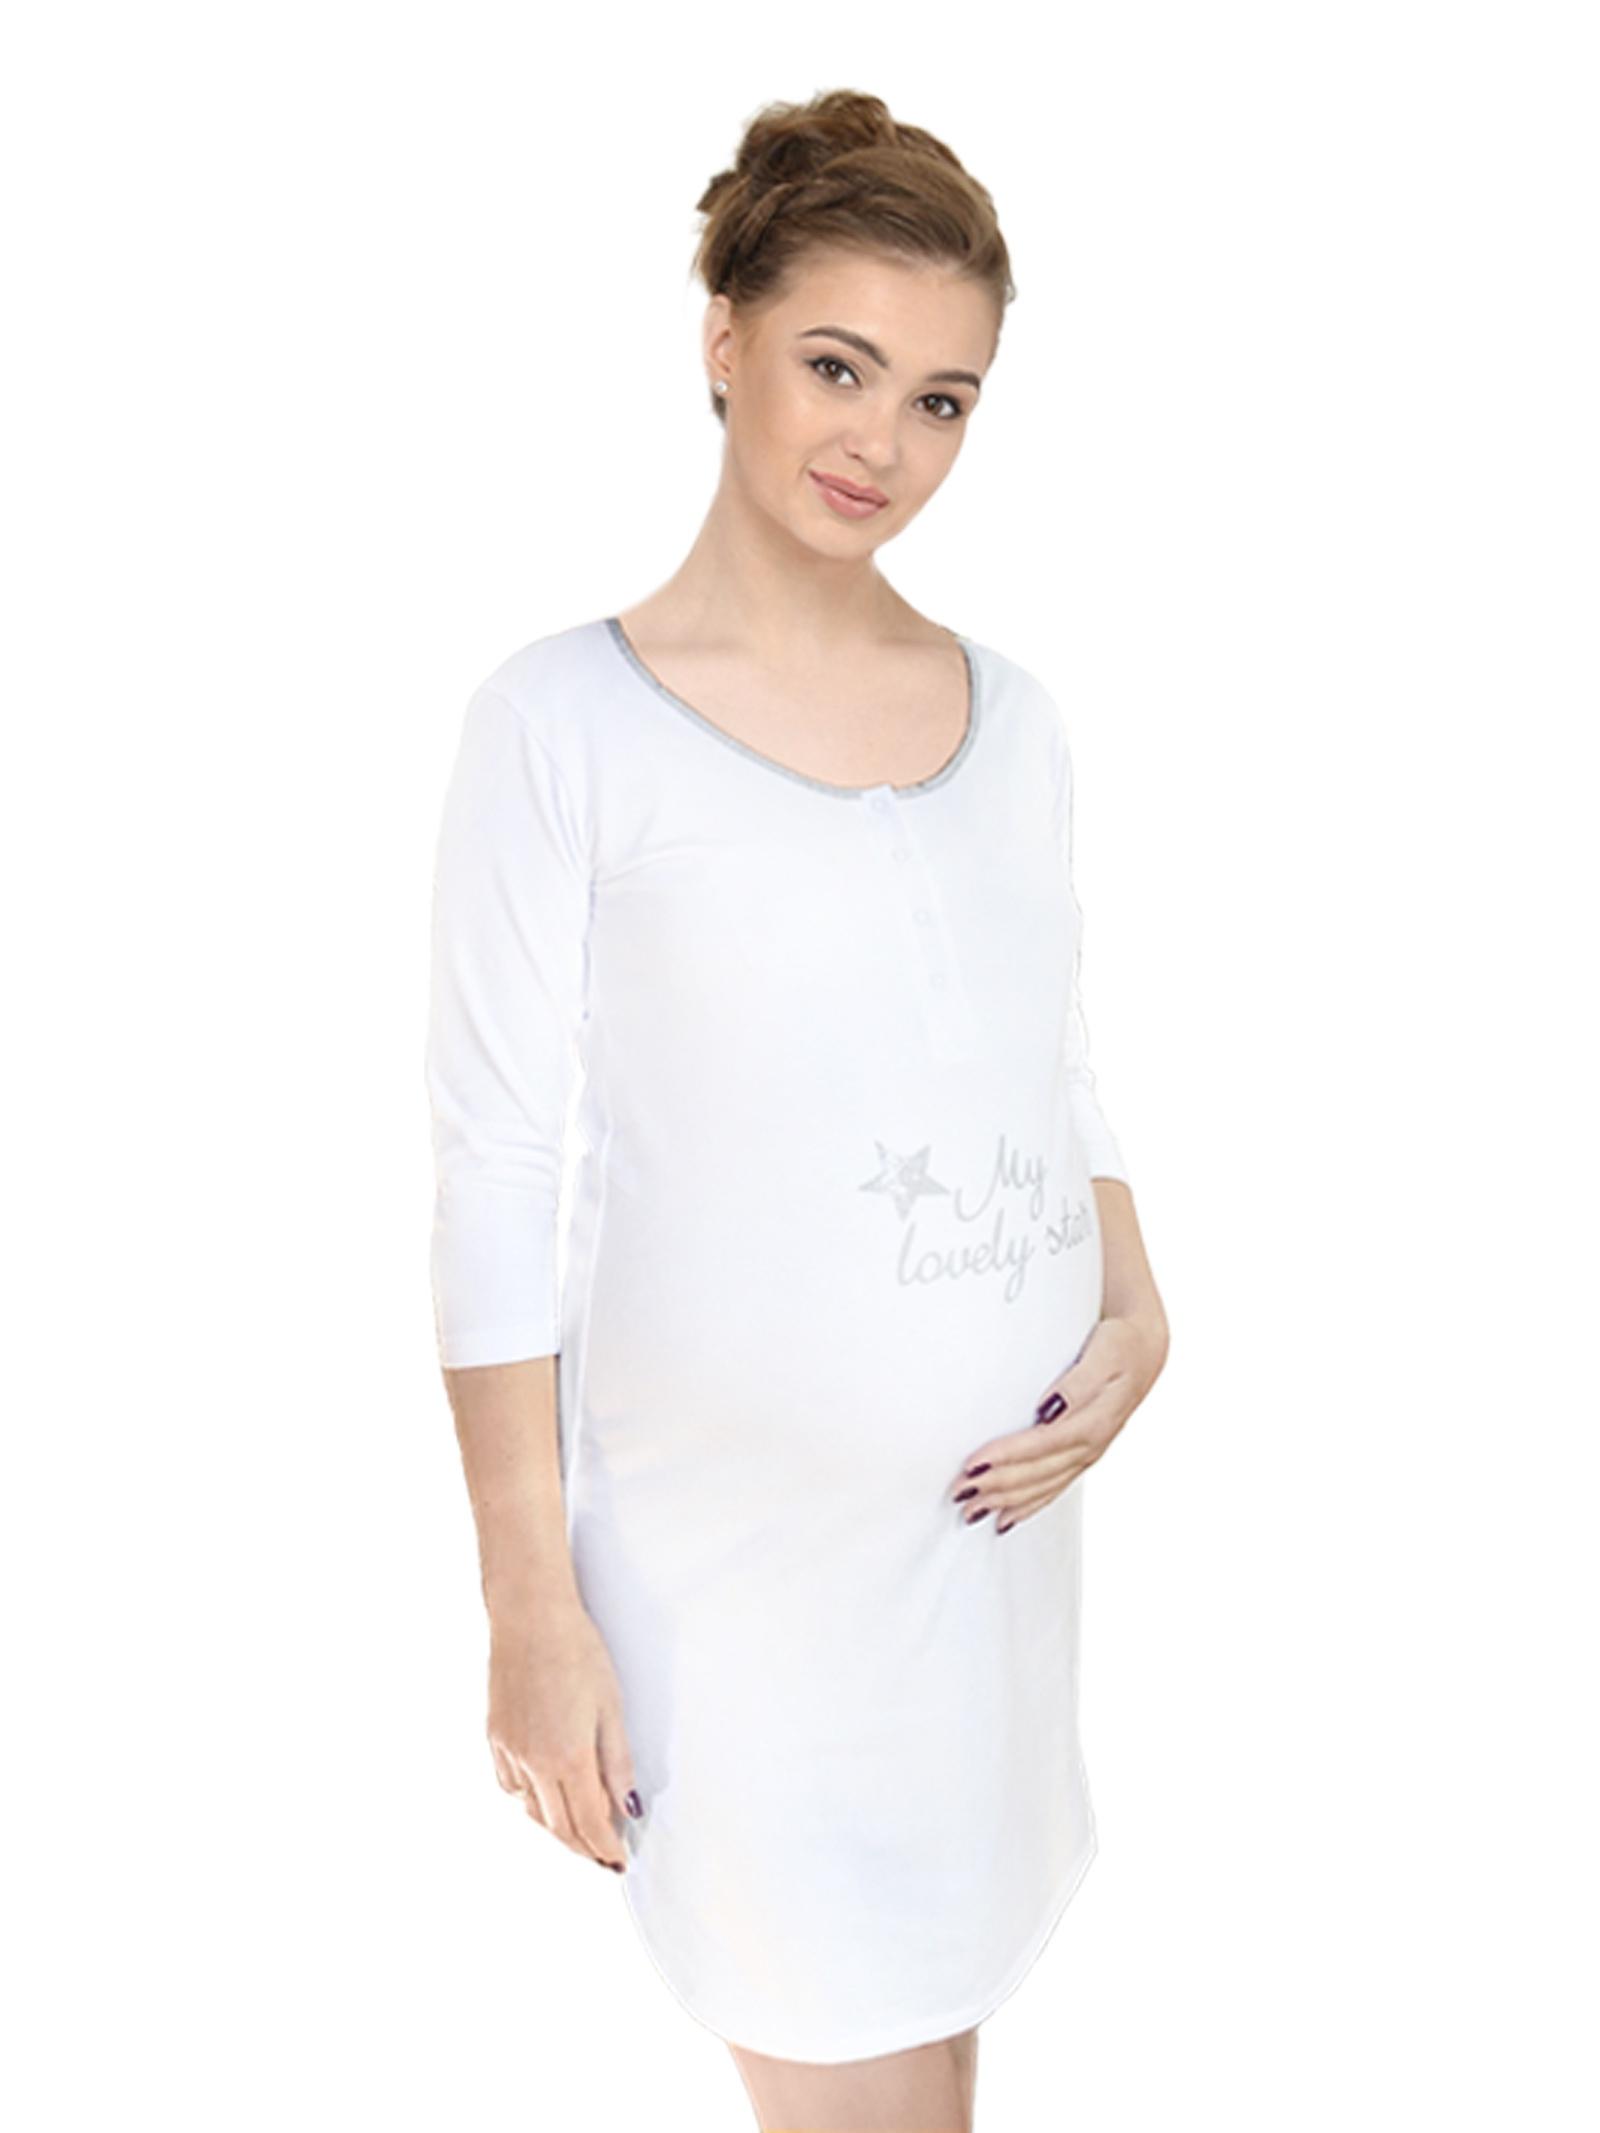 8671443b0004 Уютная ночная сорочка, утеплена микрофлисом. Рукав 3/4. Предназначена для  беременных и кормящих женщин. 1253 РУБ